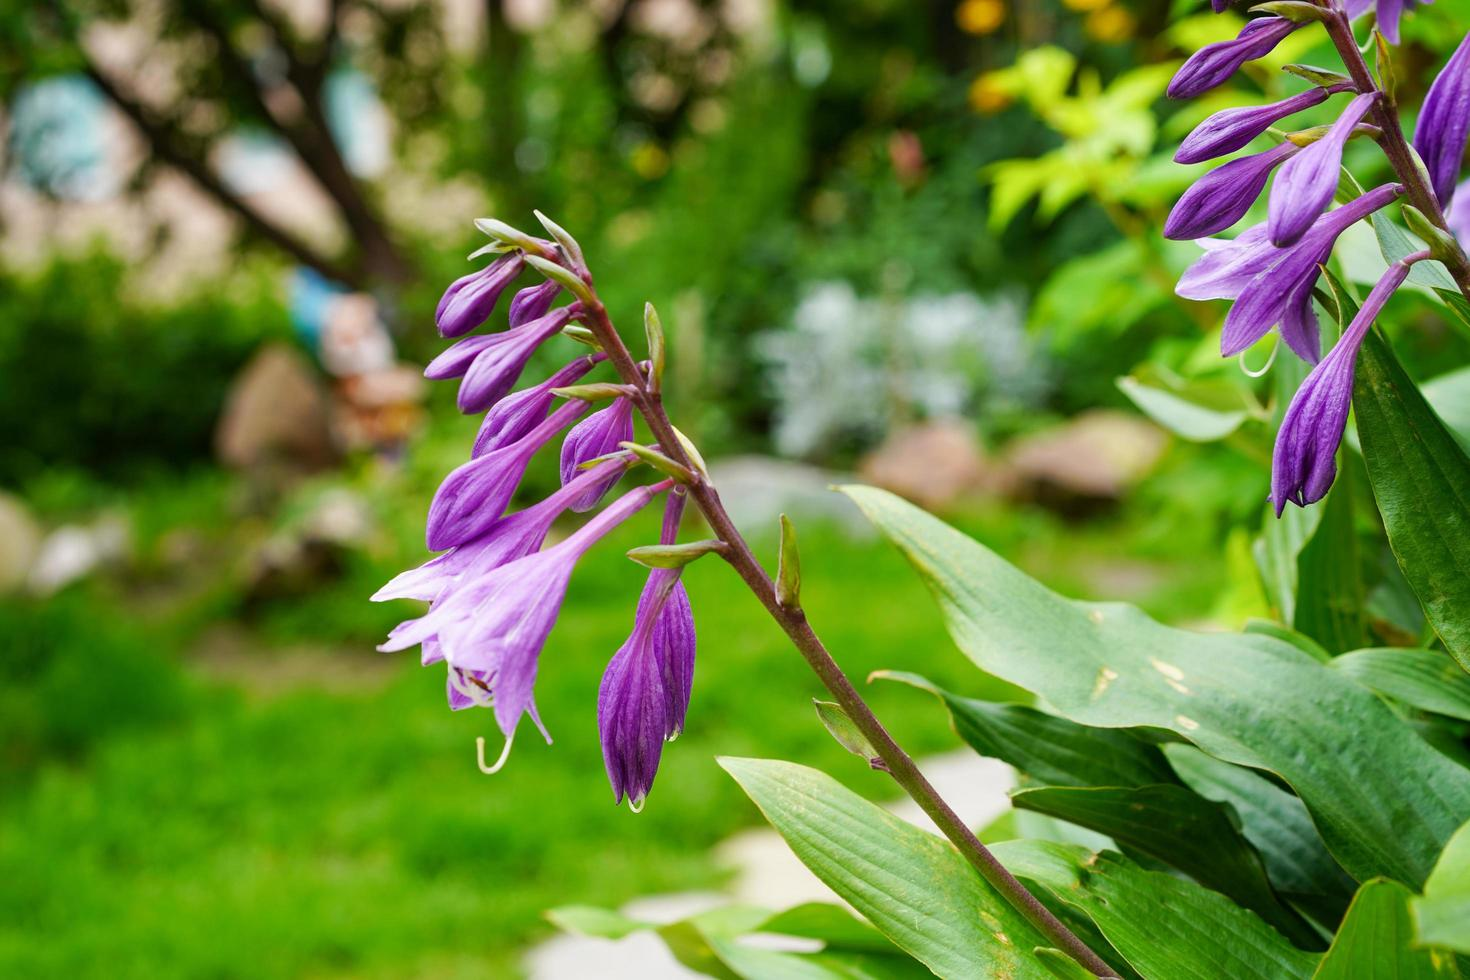 Flores de color púrpura en un parterre en un jardín. foto